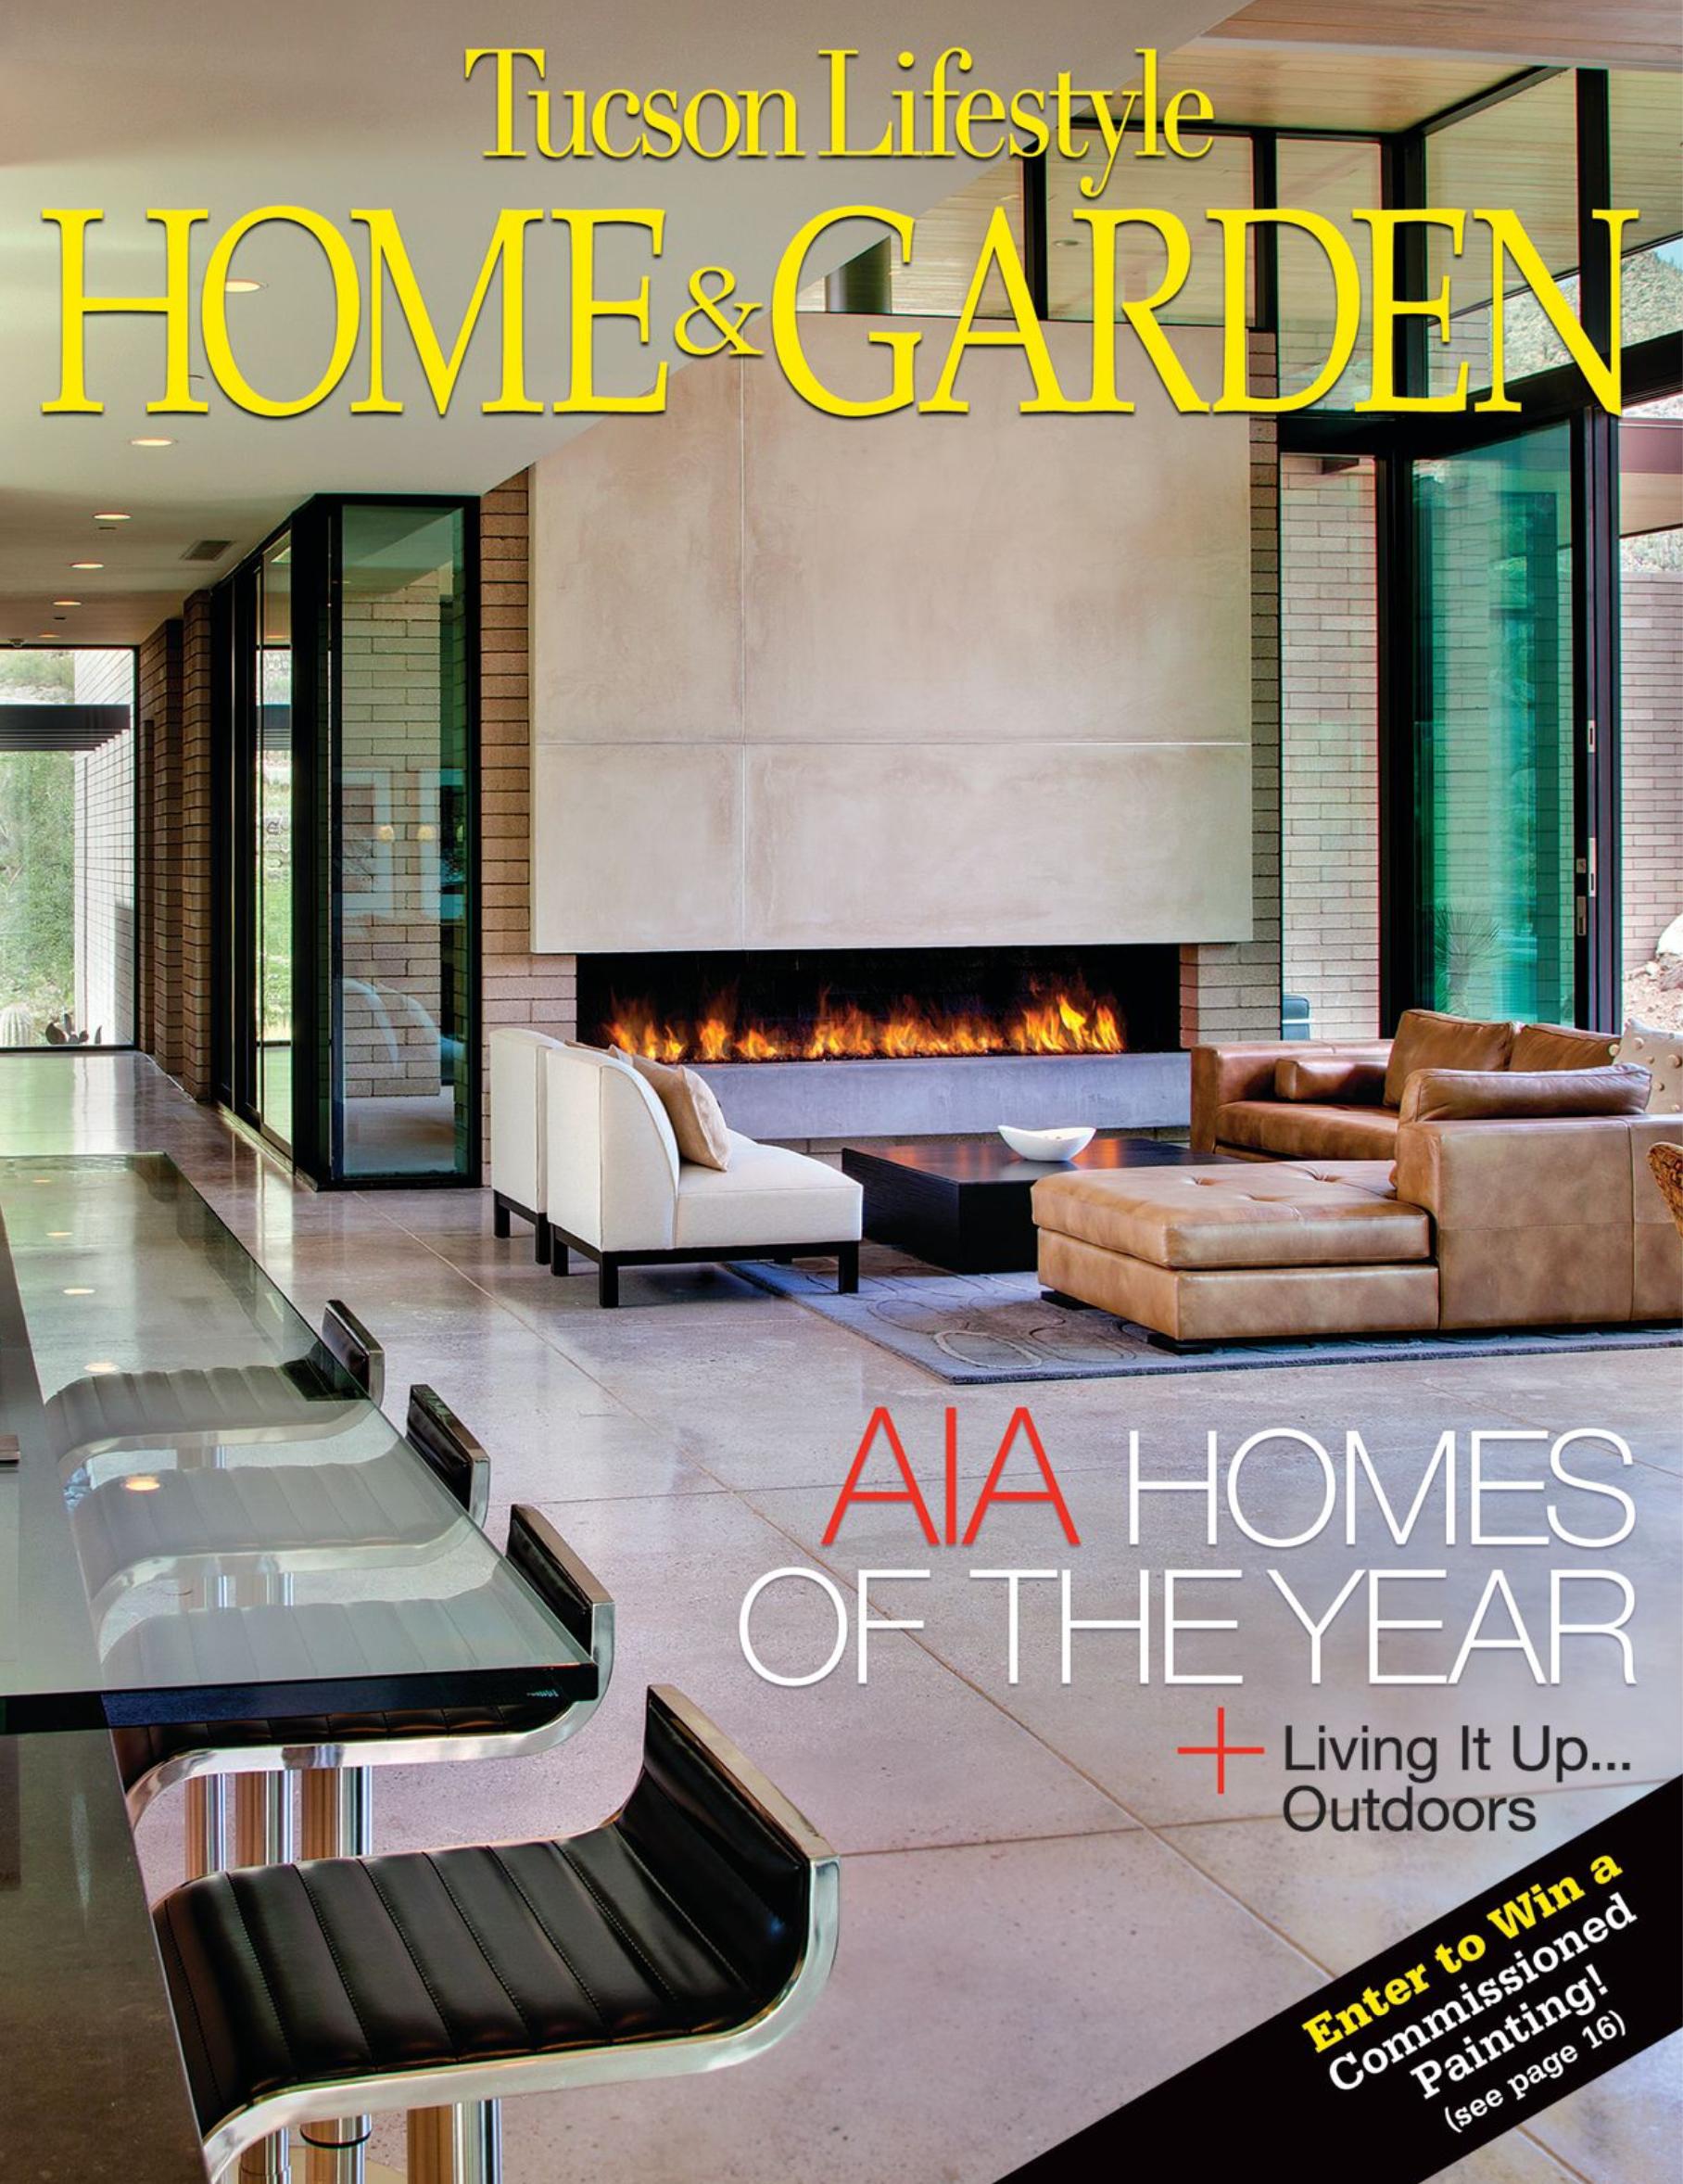 TUCSON LIFESTYLE HOME & GARDEN MAGAZINE Sept. 2011